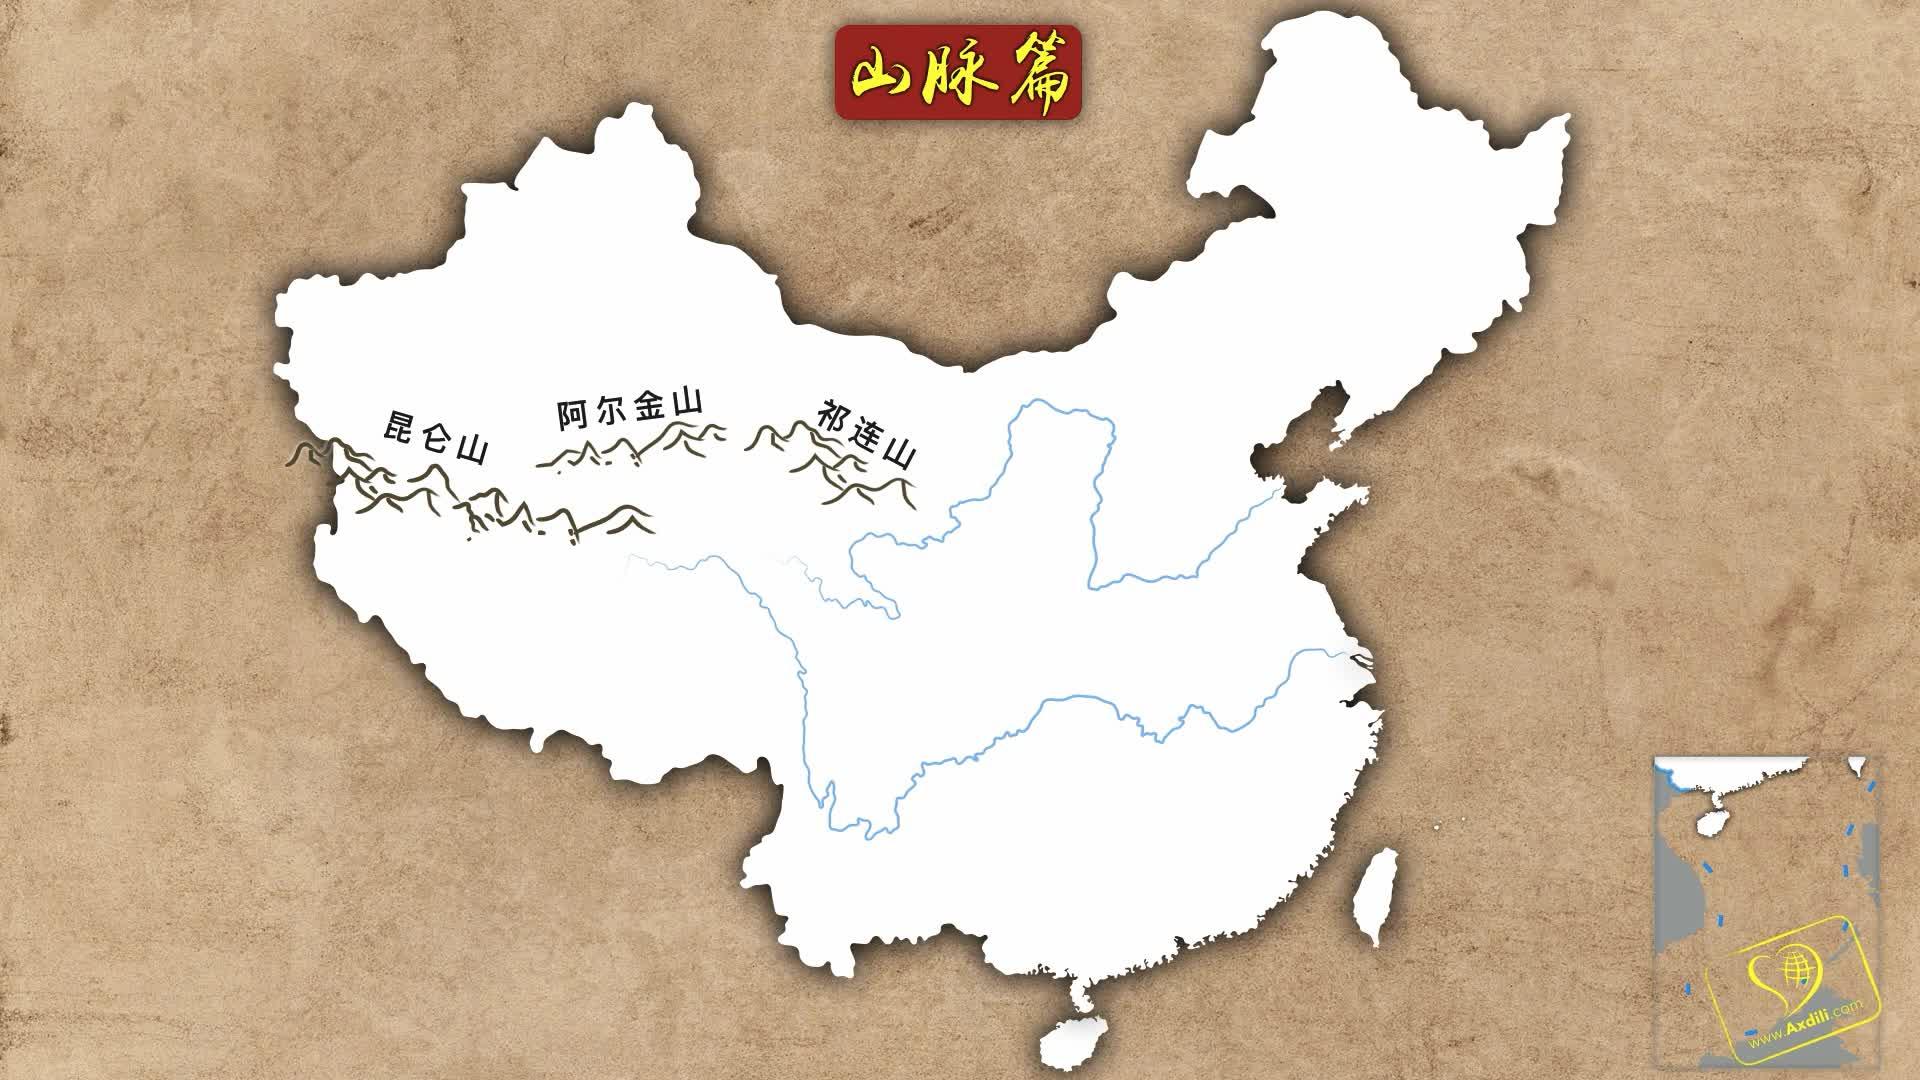 微課 中國地形山脈篇-高中 地理  必修三【愛學地理】視頻